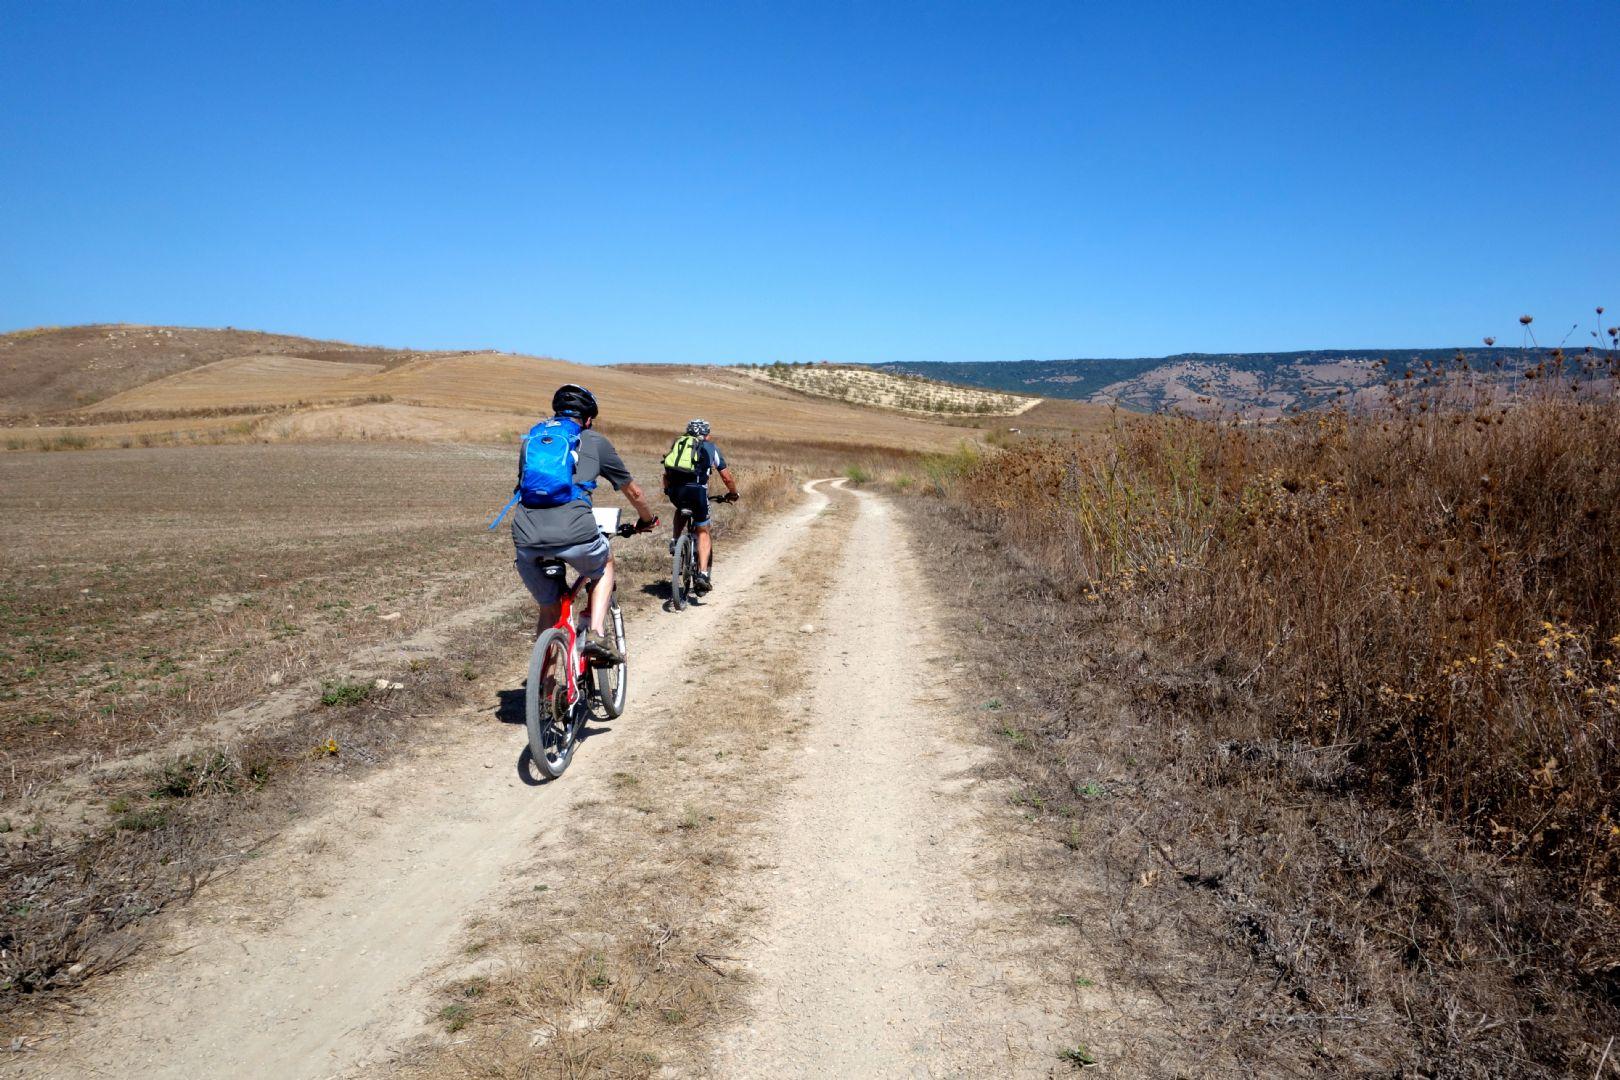 mountainbikingsardinia4.JPG - Sardinia - Coast to Coast - Mountain Biking